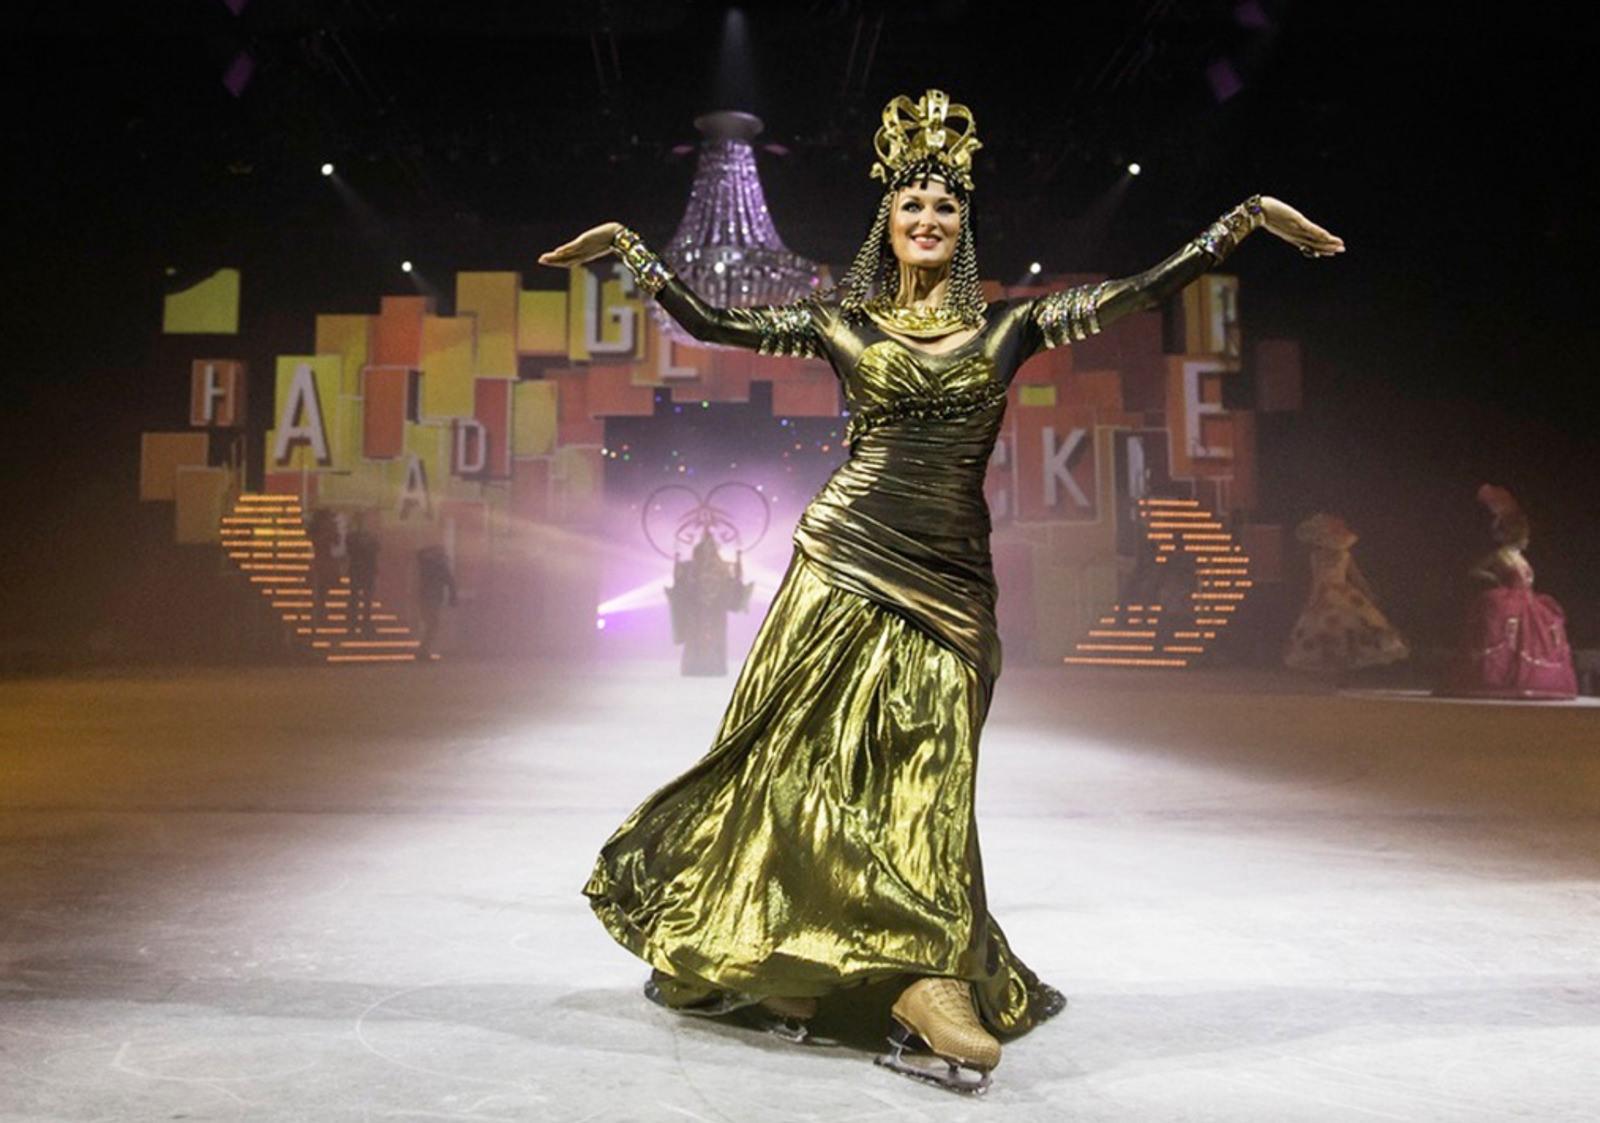 Kopfschmuck für Show Holiday on Ice Platinum von Birke Breckwoldt